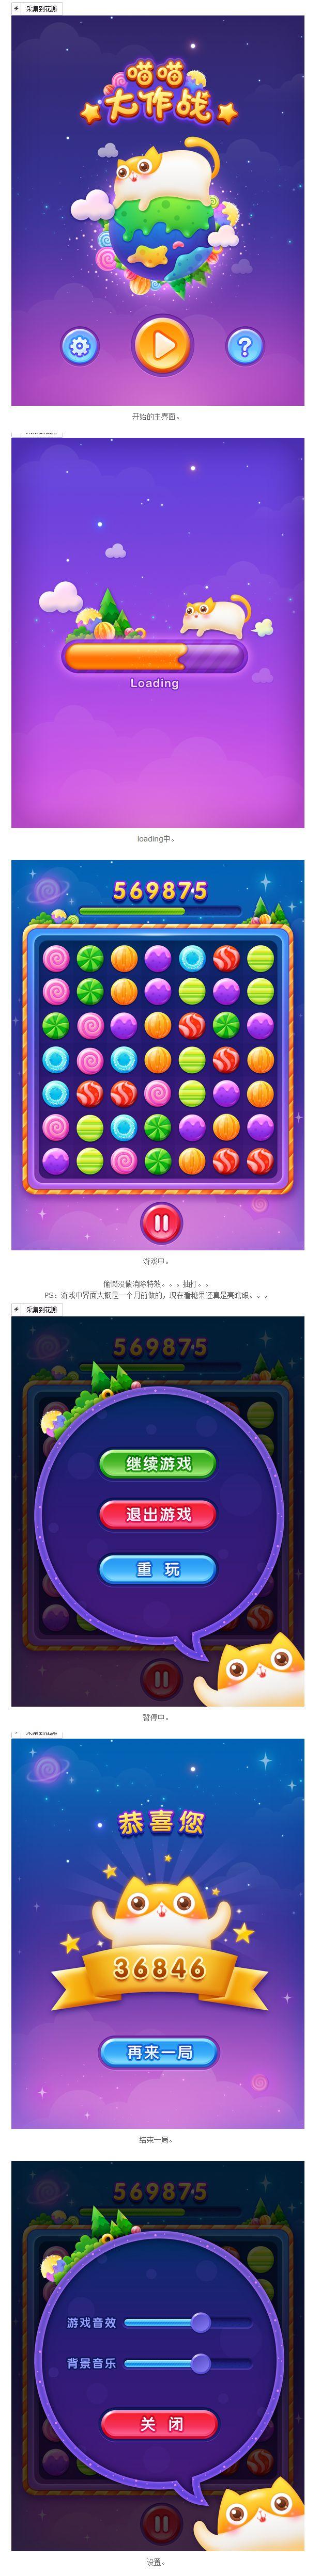 喵星人大作战之消除类小游戏|游戏UI|G...